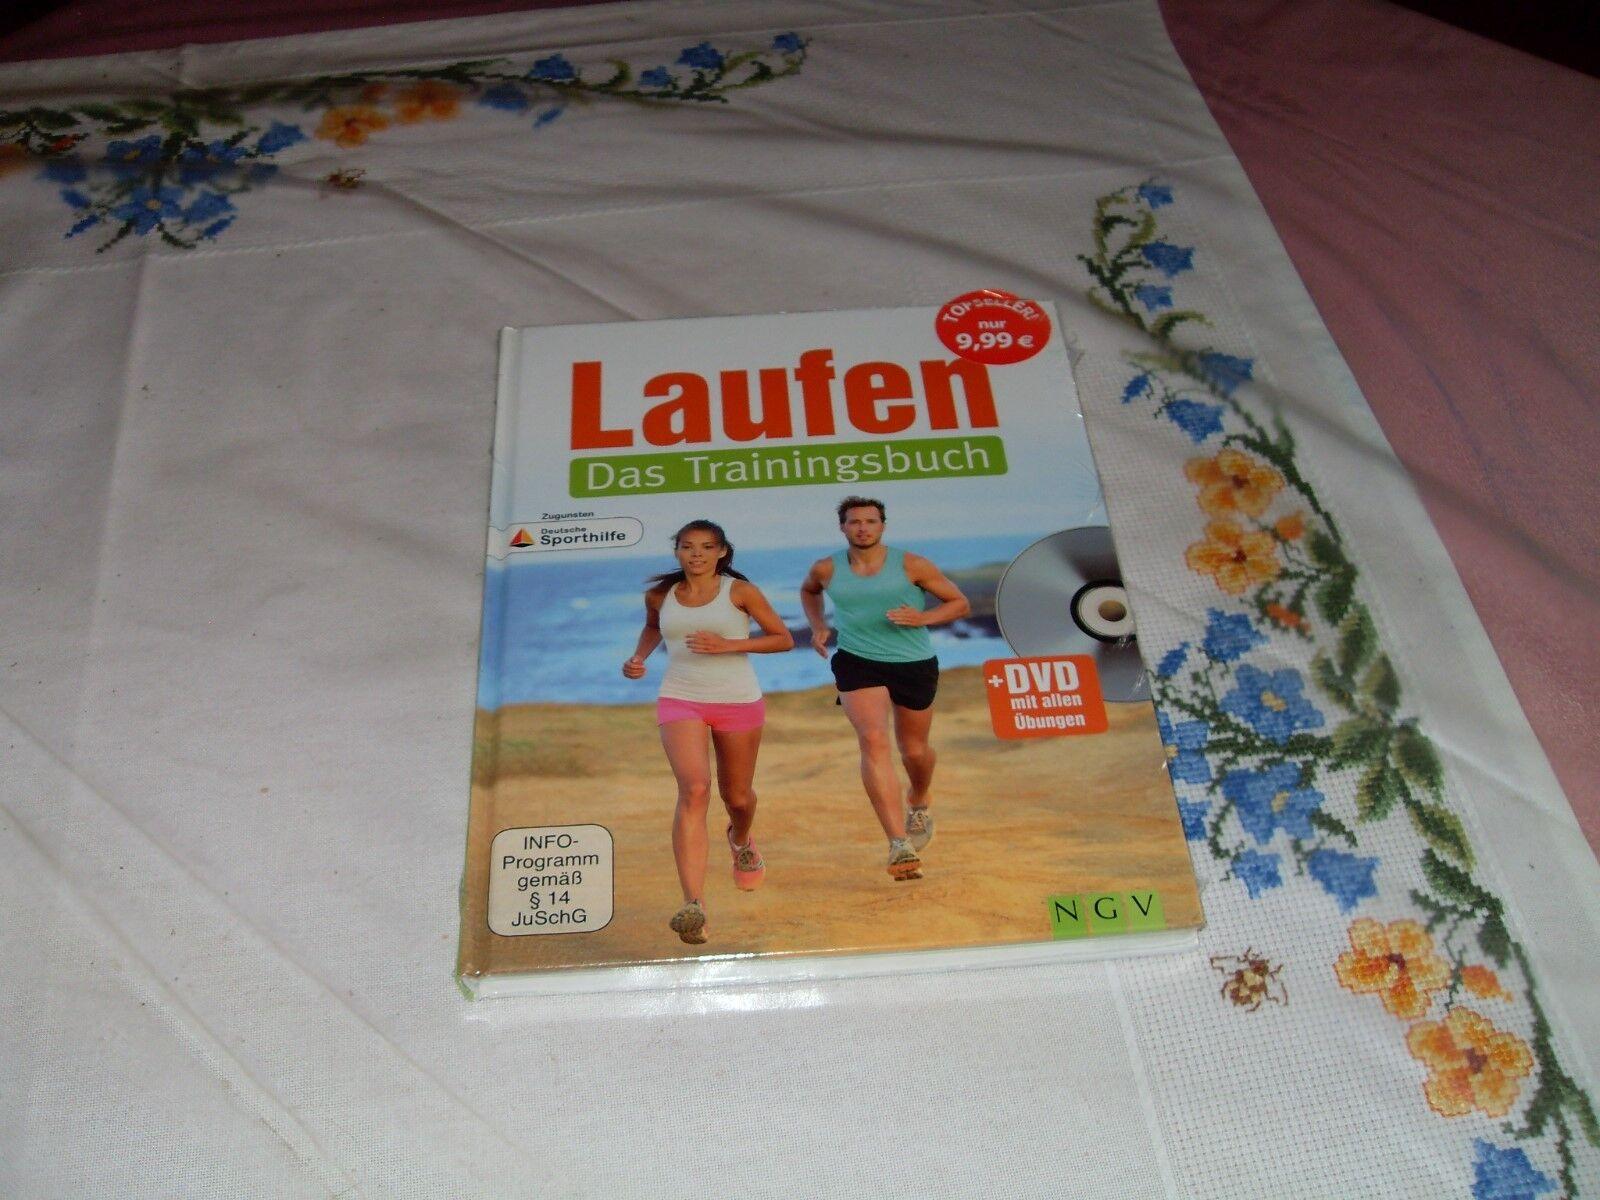 Laufen - das Trainingsbuch + DVD mit allen Übungen